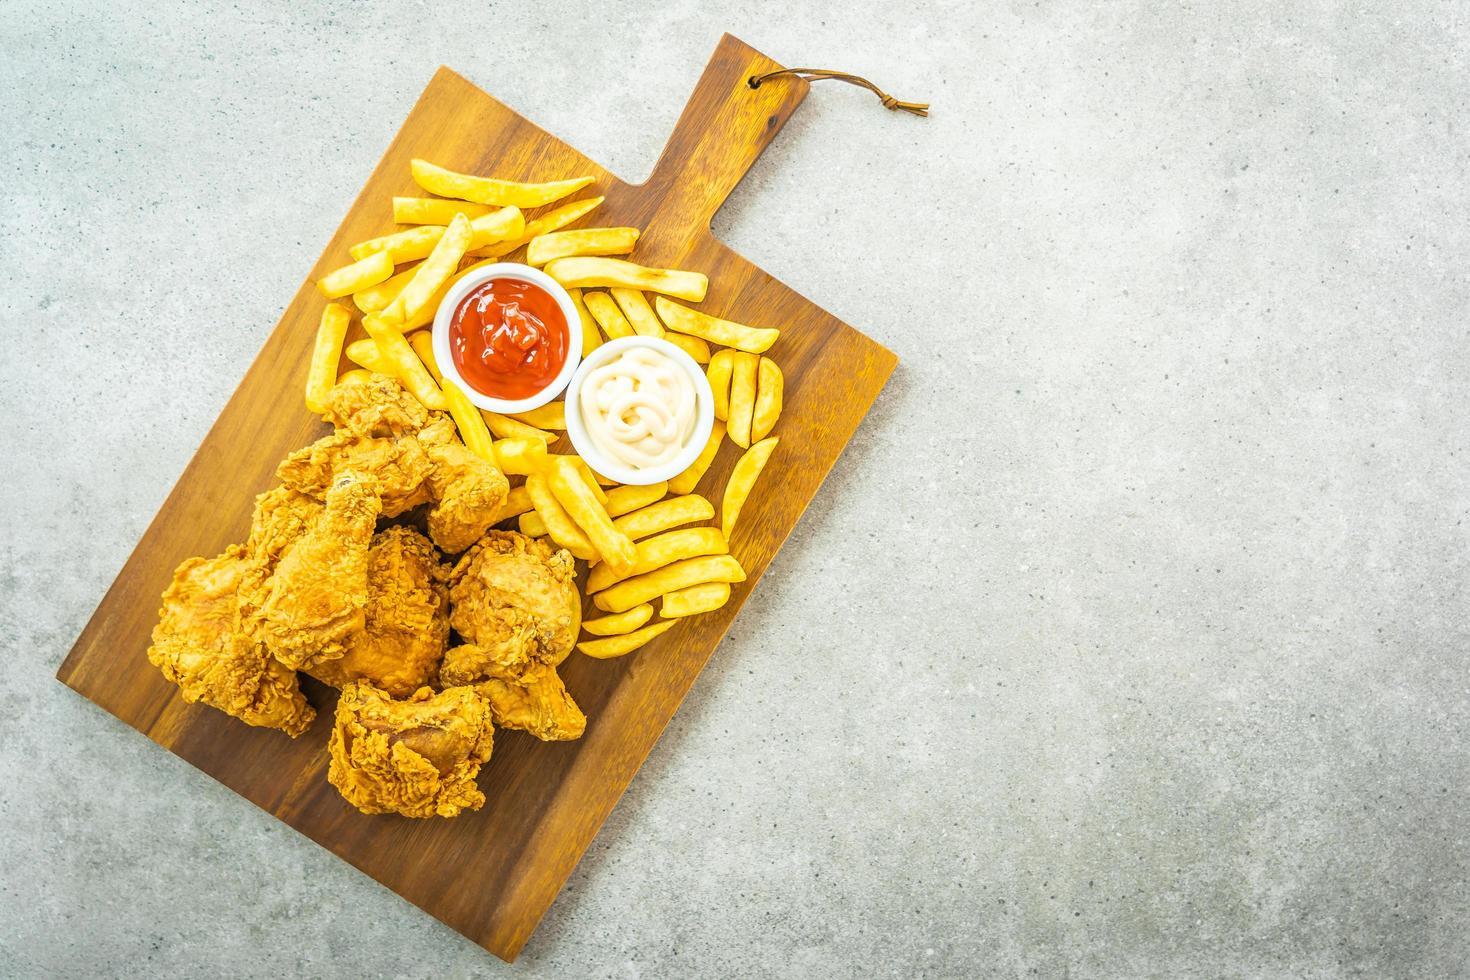 ailes de poulet frites avec frites et sauce tomate ou ketchup et mayonnaise photo